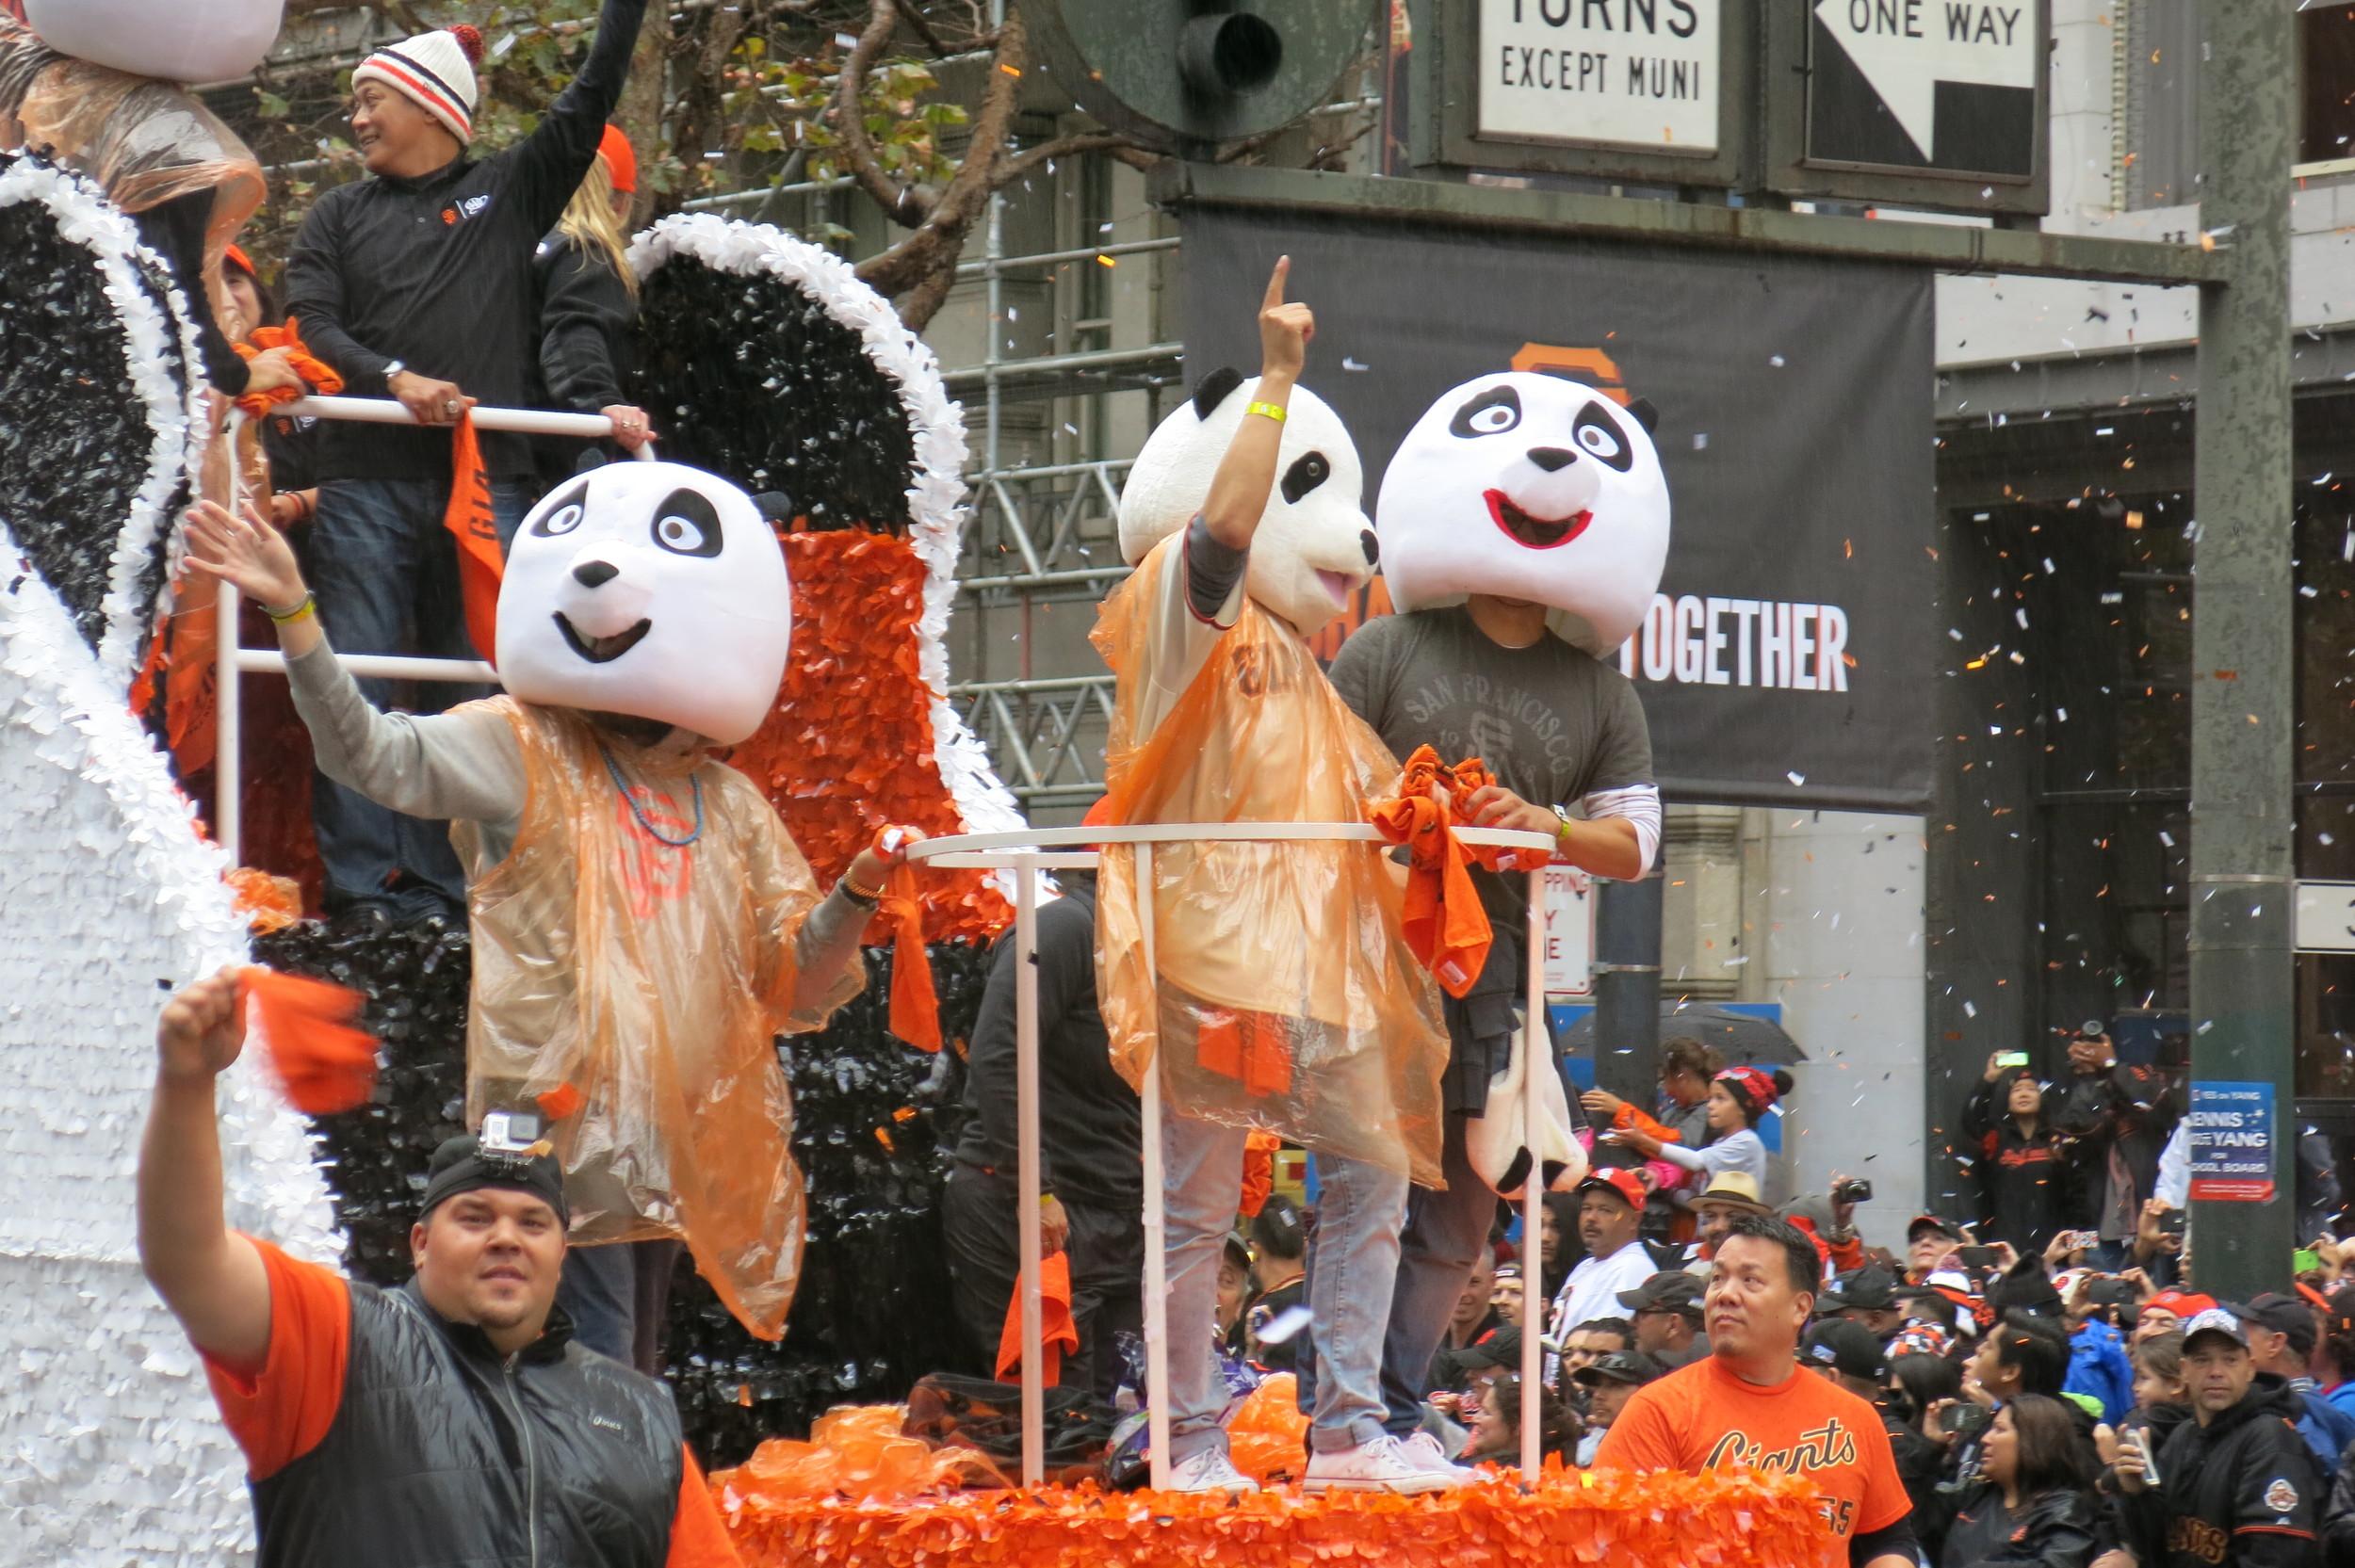 The Panda Float